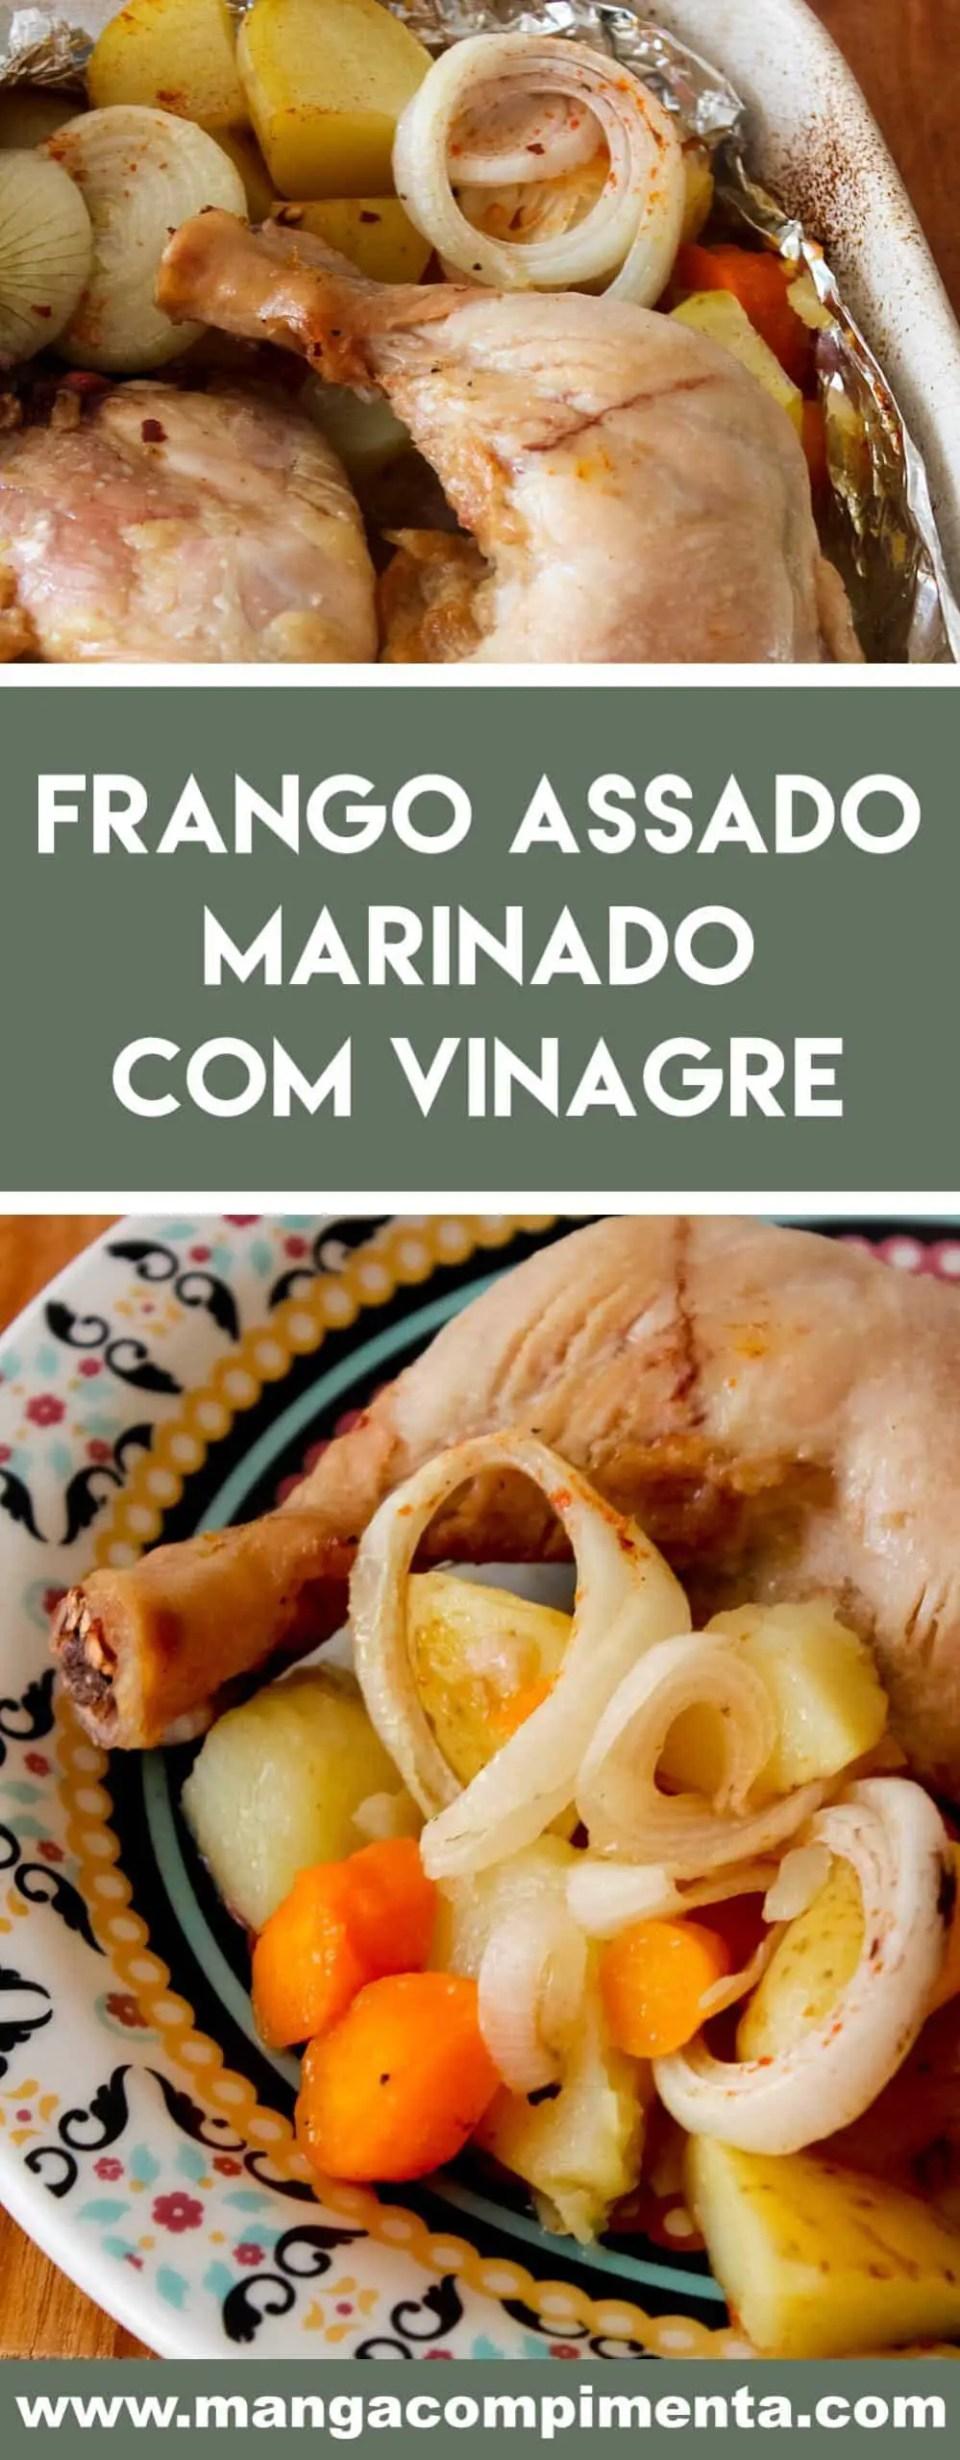 Receita de Coxas e Sobrecoxas de Frango Marinado com Vinagre, Assados com Legumes - para o almoço de domingo!